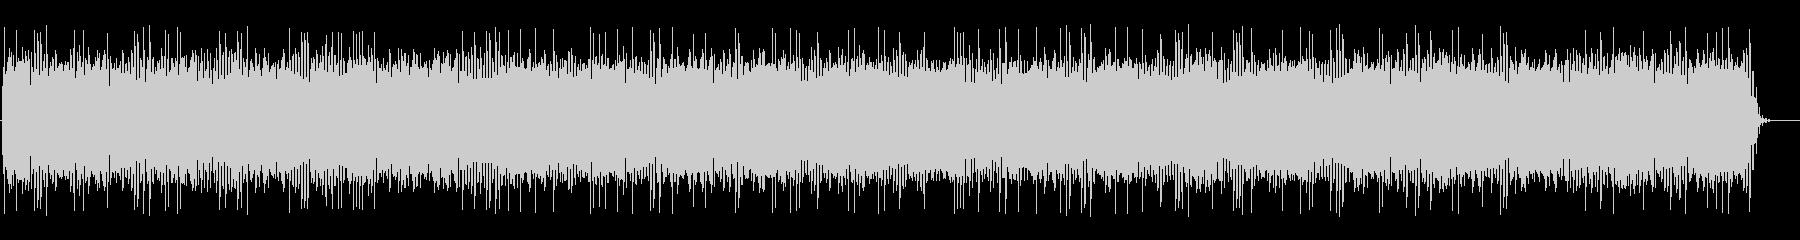 [電気] ビリビリ感電 pat_A 中の未再生の波形